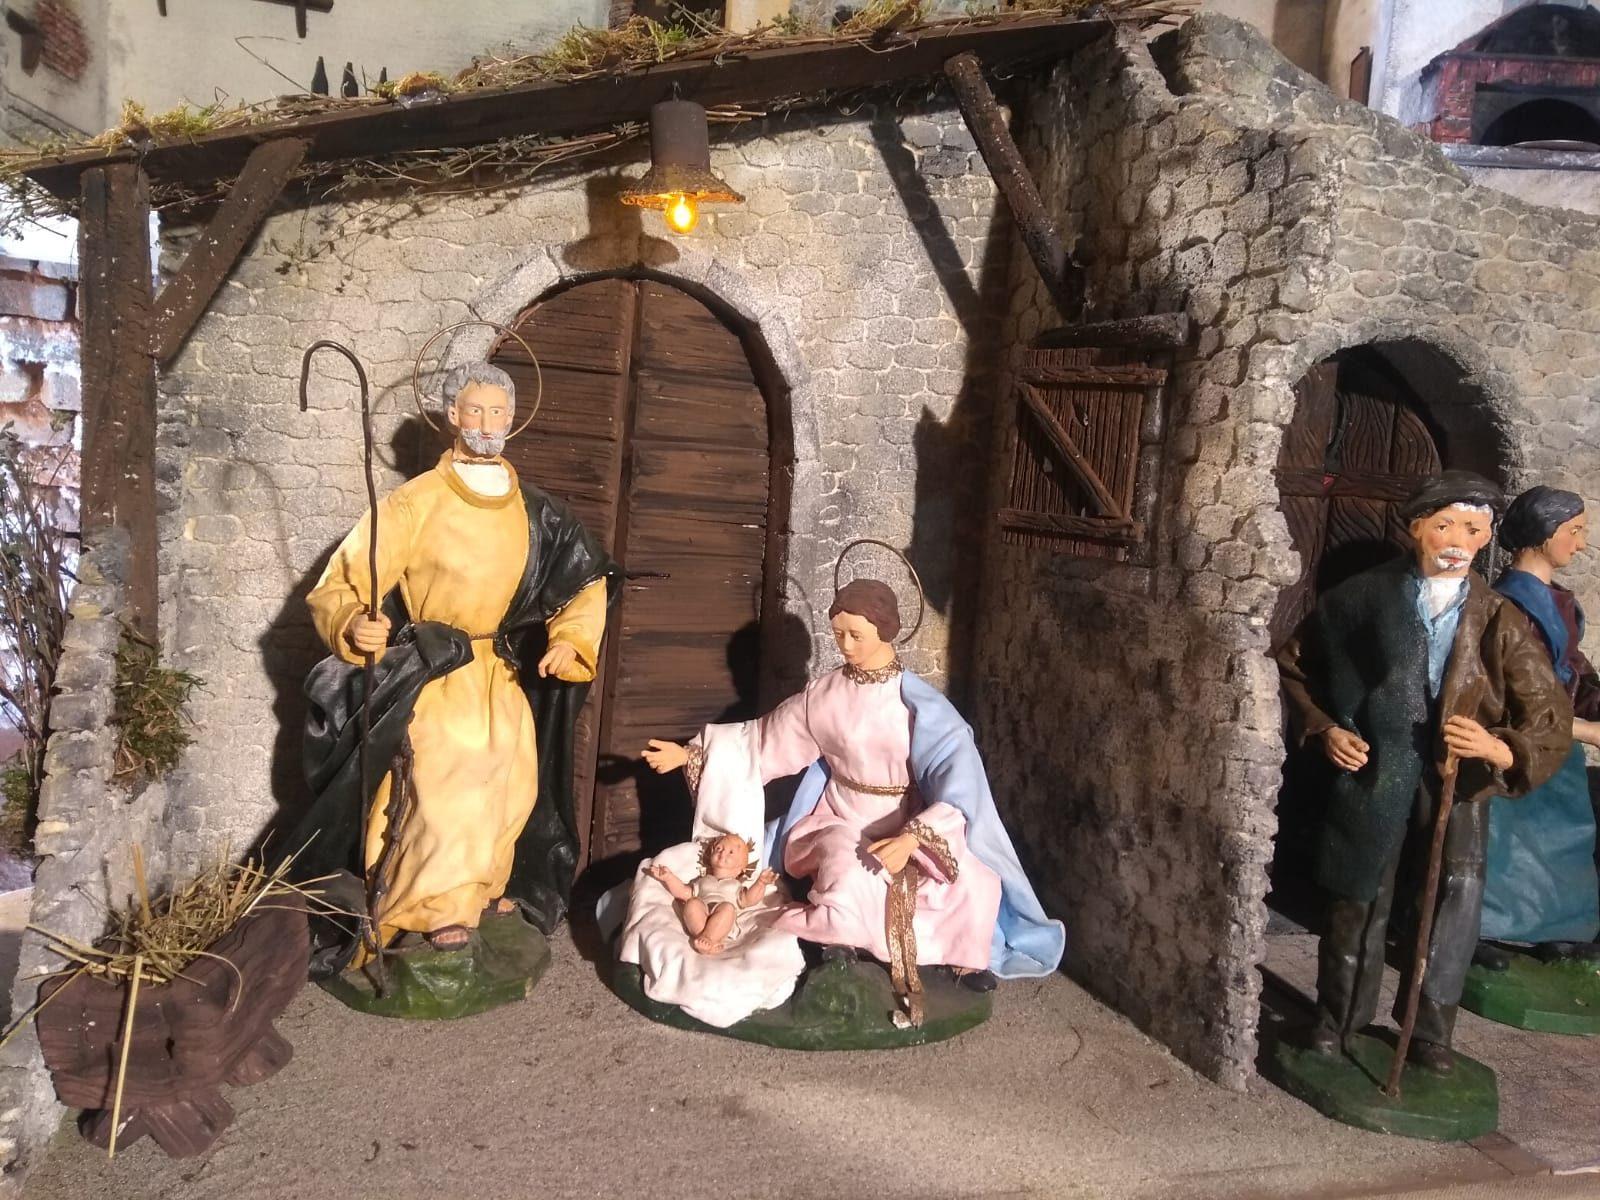 Allestire il presepe: alla Fornace Alba Docilia di Albissola Marina sarà inaugurata il 7 dicembre la mostra di Natale